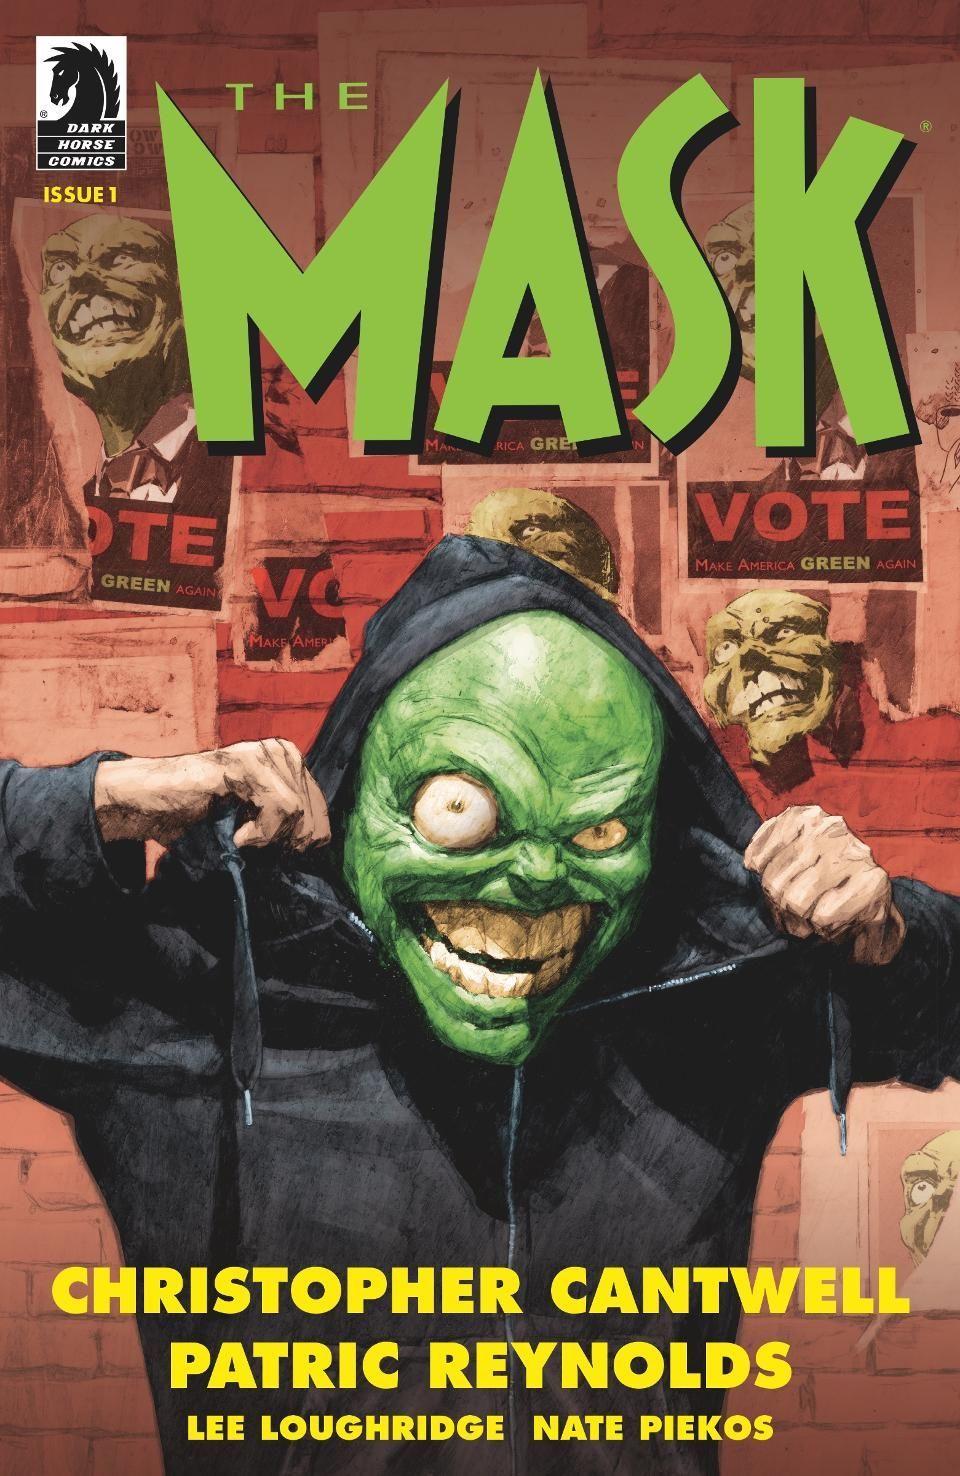 The Mask: Sneak peek at Dark Horse Comics' revival